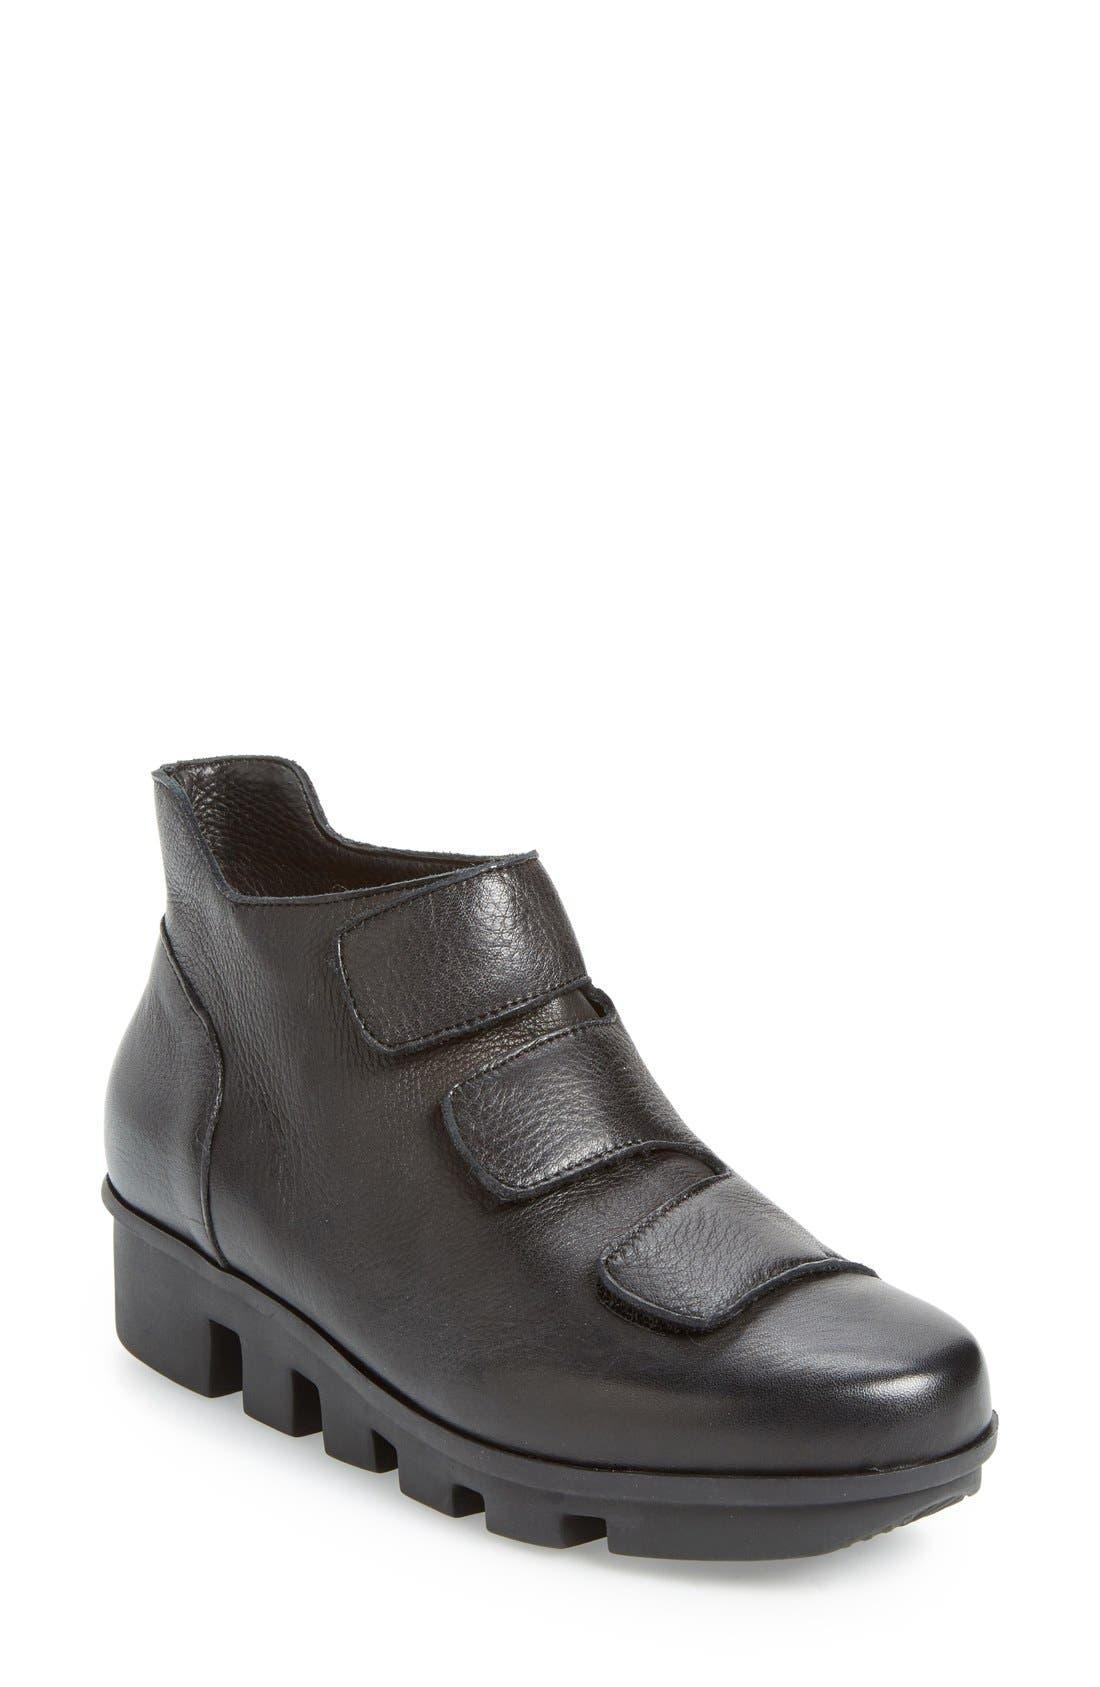 L'Amour des Pieds 'Harmonee' Sneaker (Women)